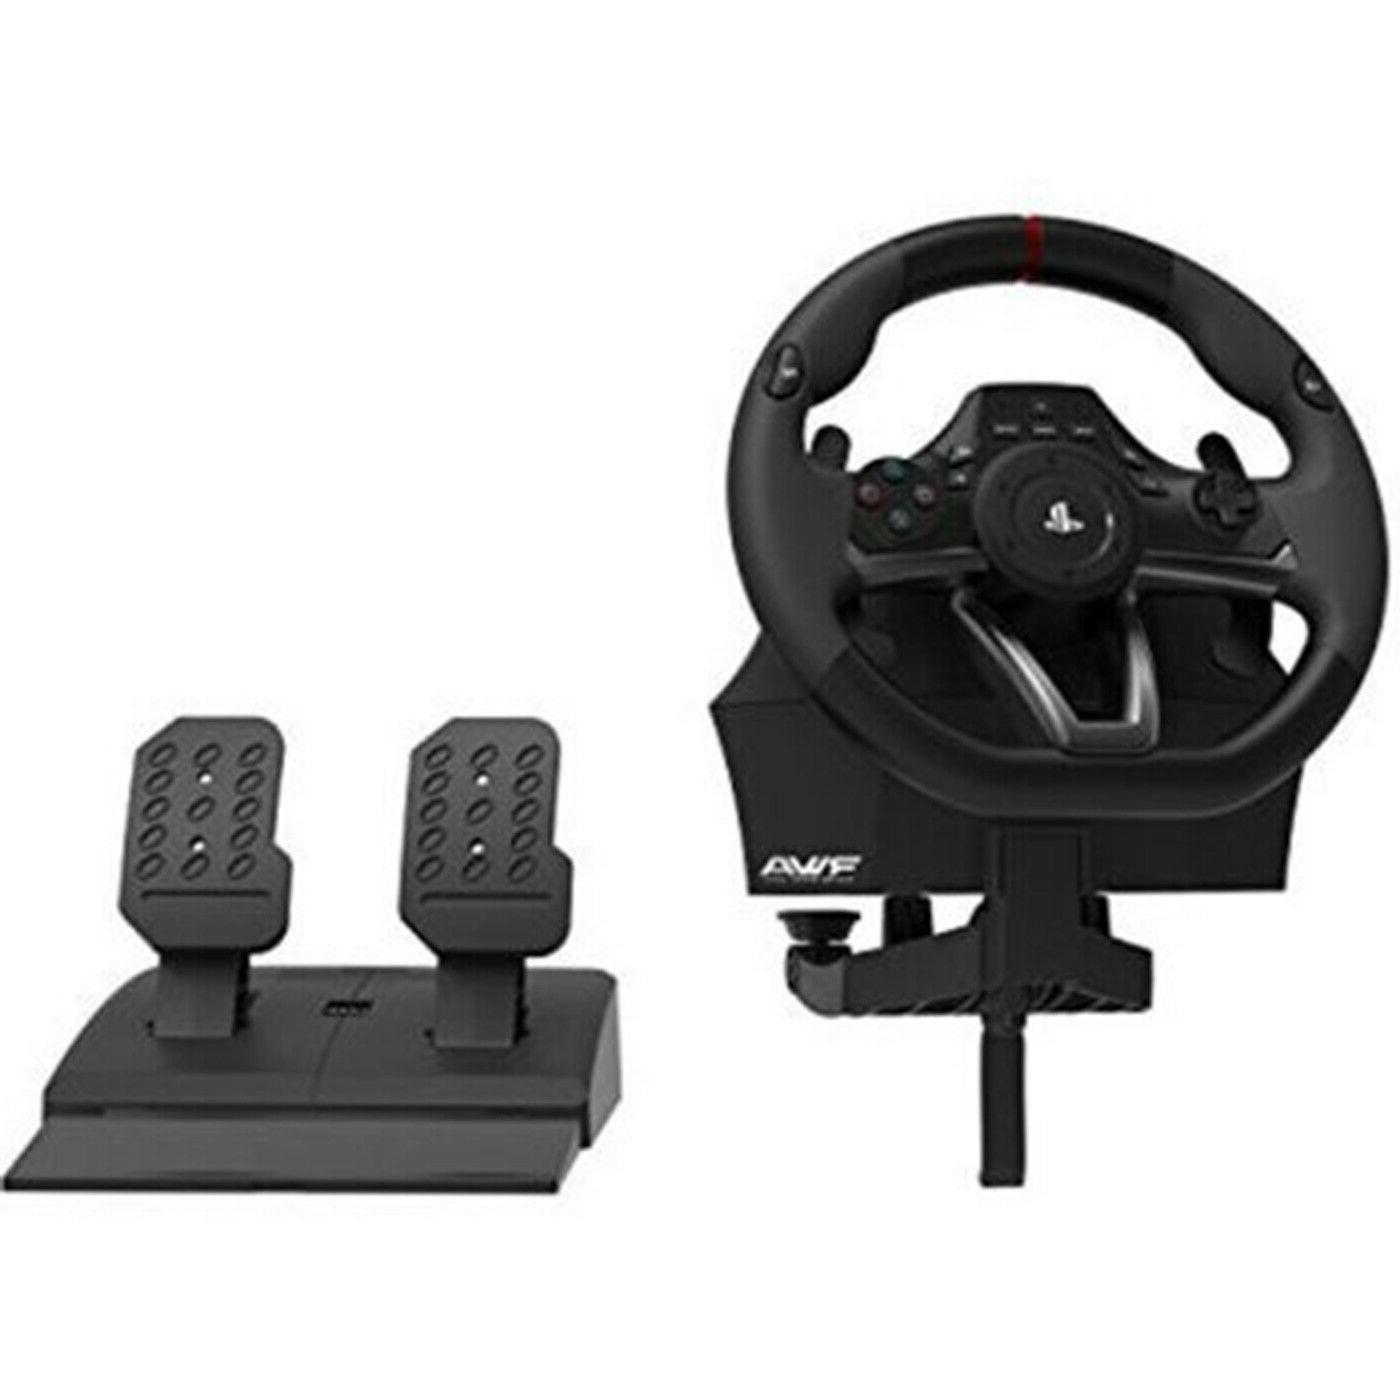 Playstation One APEX Racing Steering Wheel Pedal Set Racing